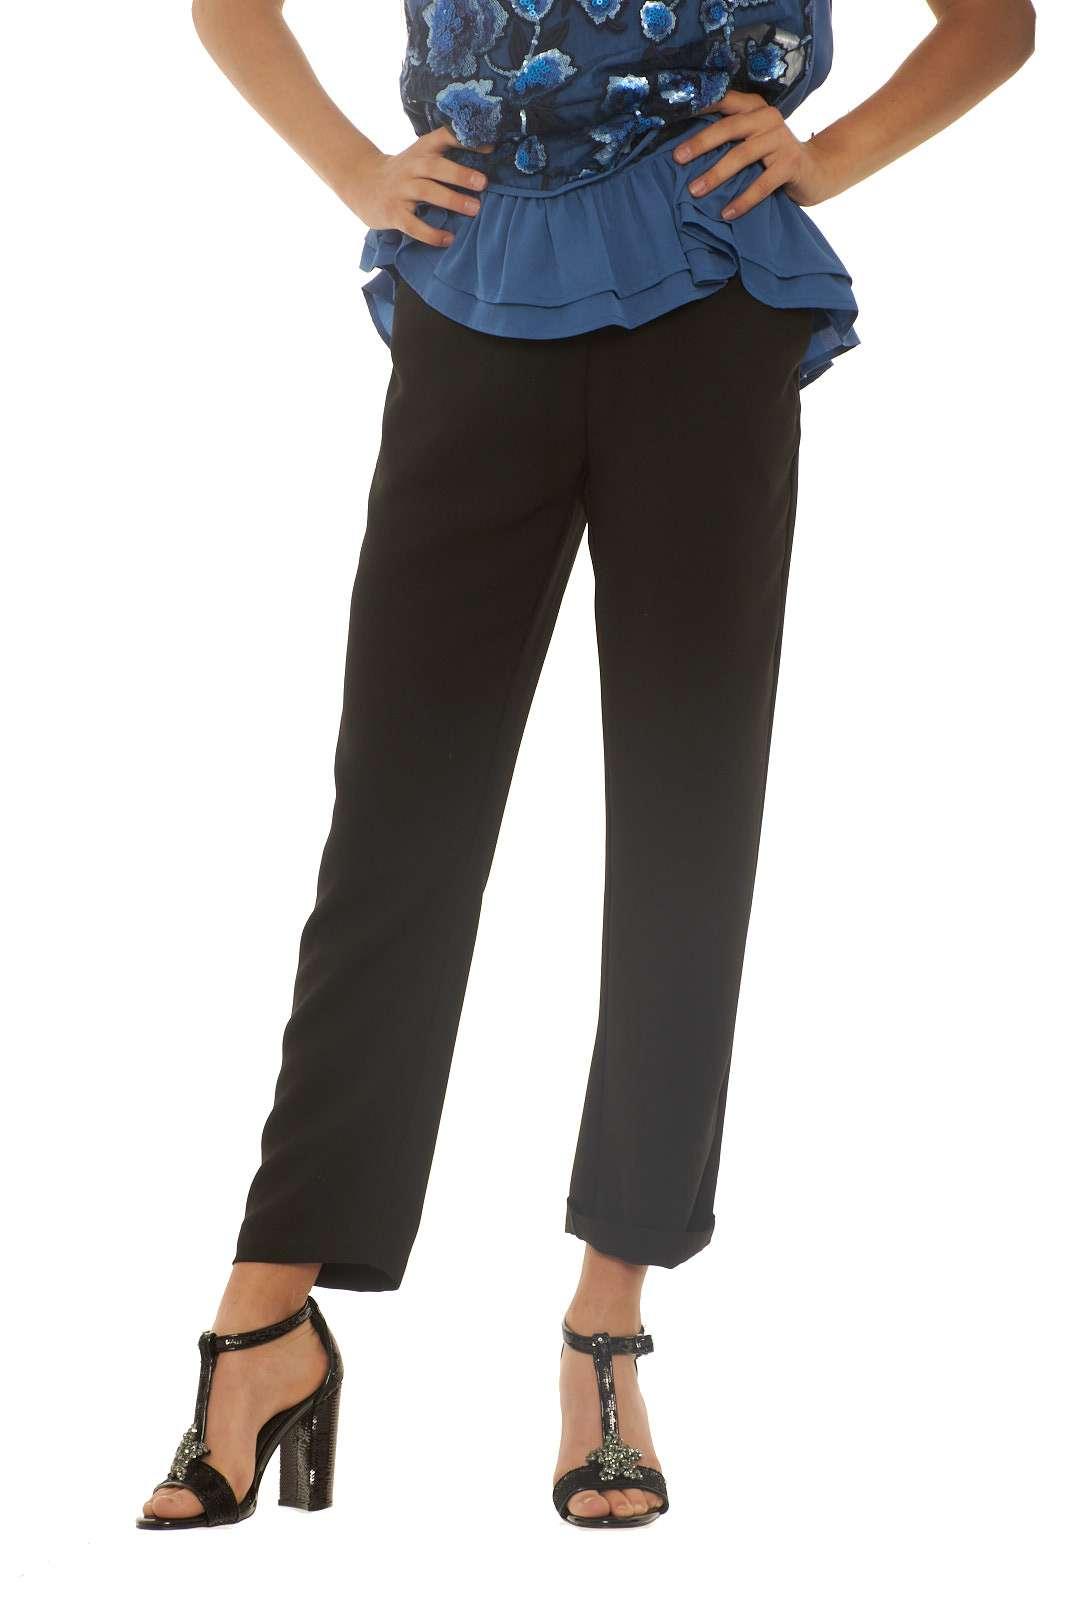 Un pantalone dal look basic firmato Silvian Heach. Versatile ed elegante, si presta per l'ufficio, le serate fuori, e perchè no per cerimonie. Un capo morbido e semplice, perfetto con una decollète, per una silhouette slanciata. La modella è alta 1.68m e indossa la taglia XXS.